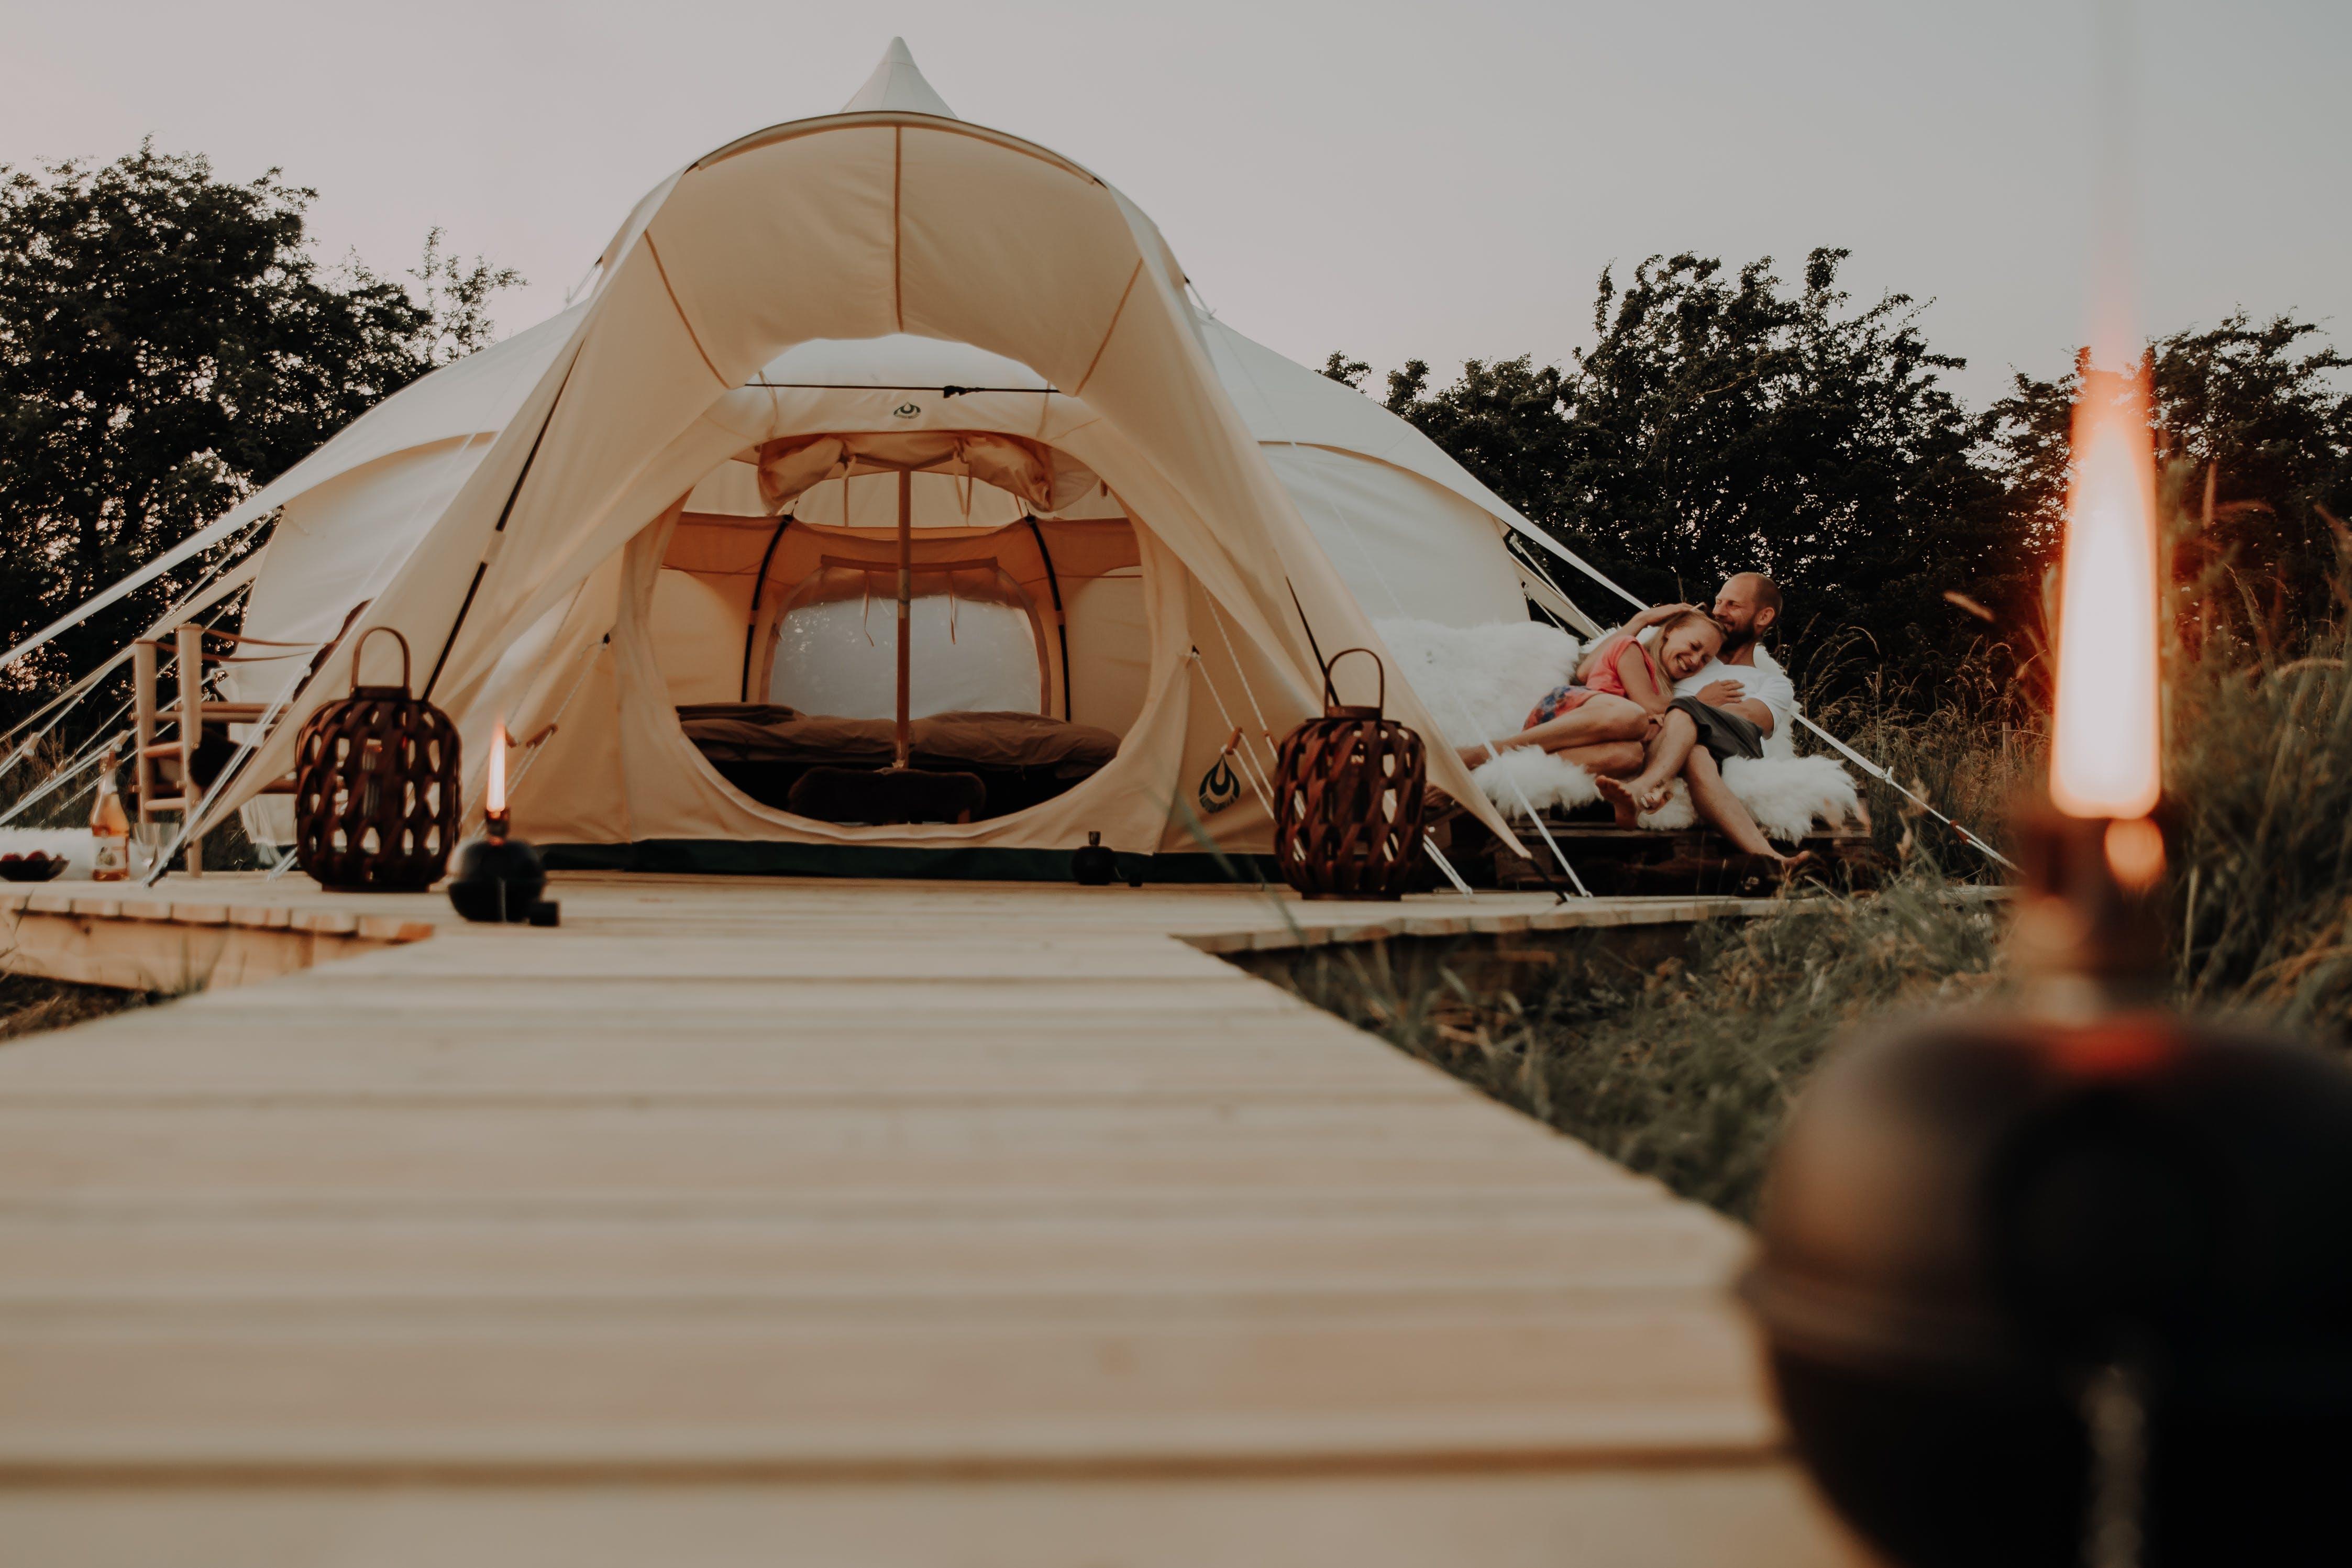 Par i romantisk glamping telt